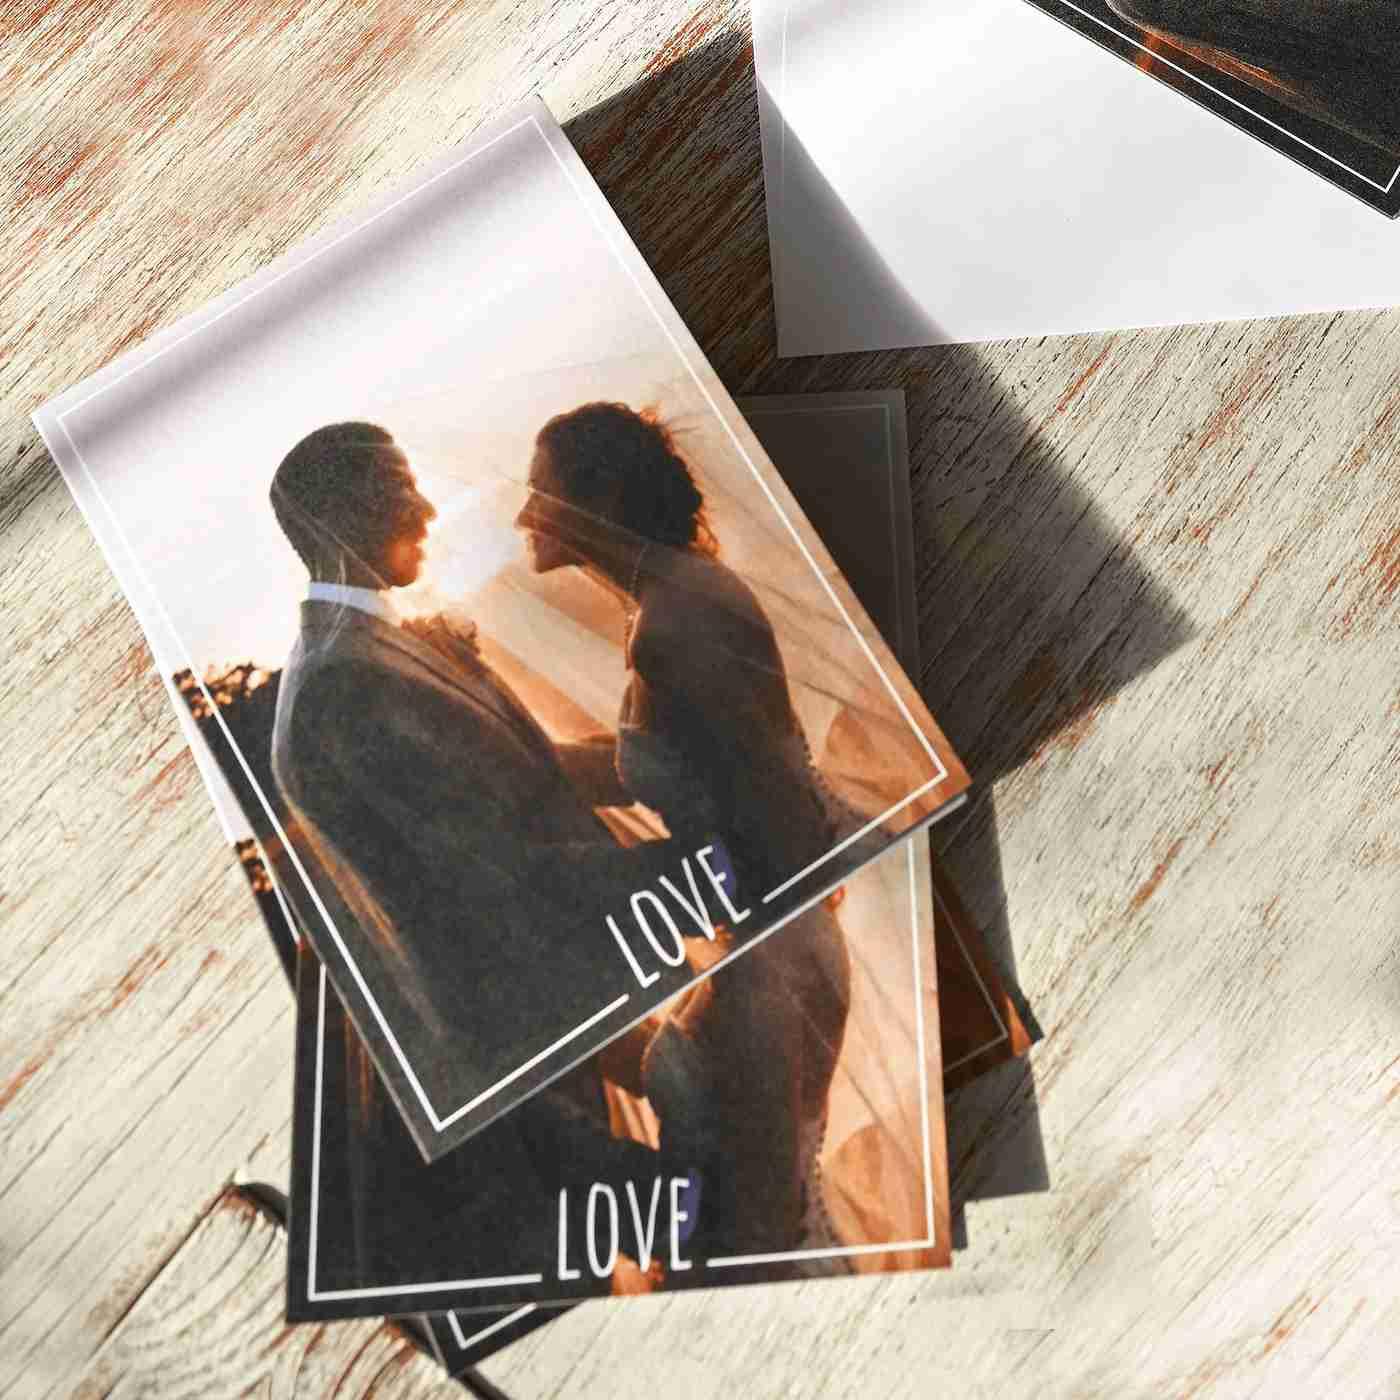 Use your wedding photos as thank you cards